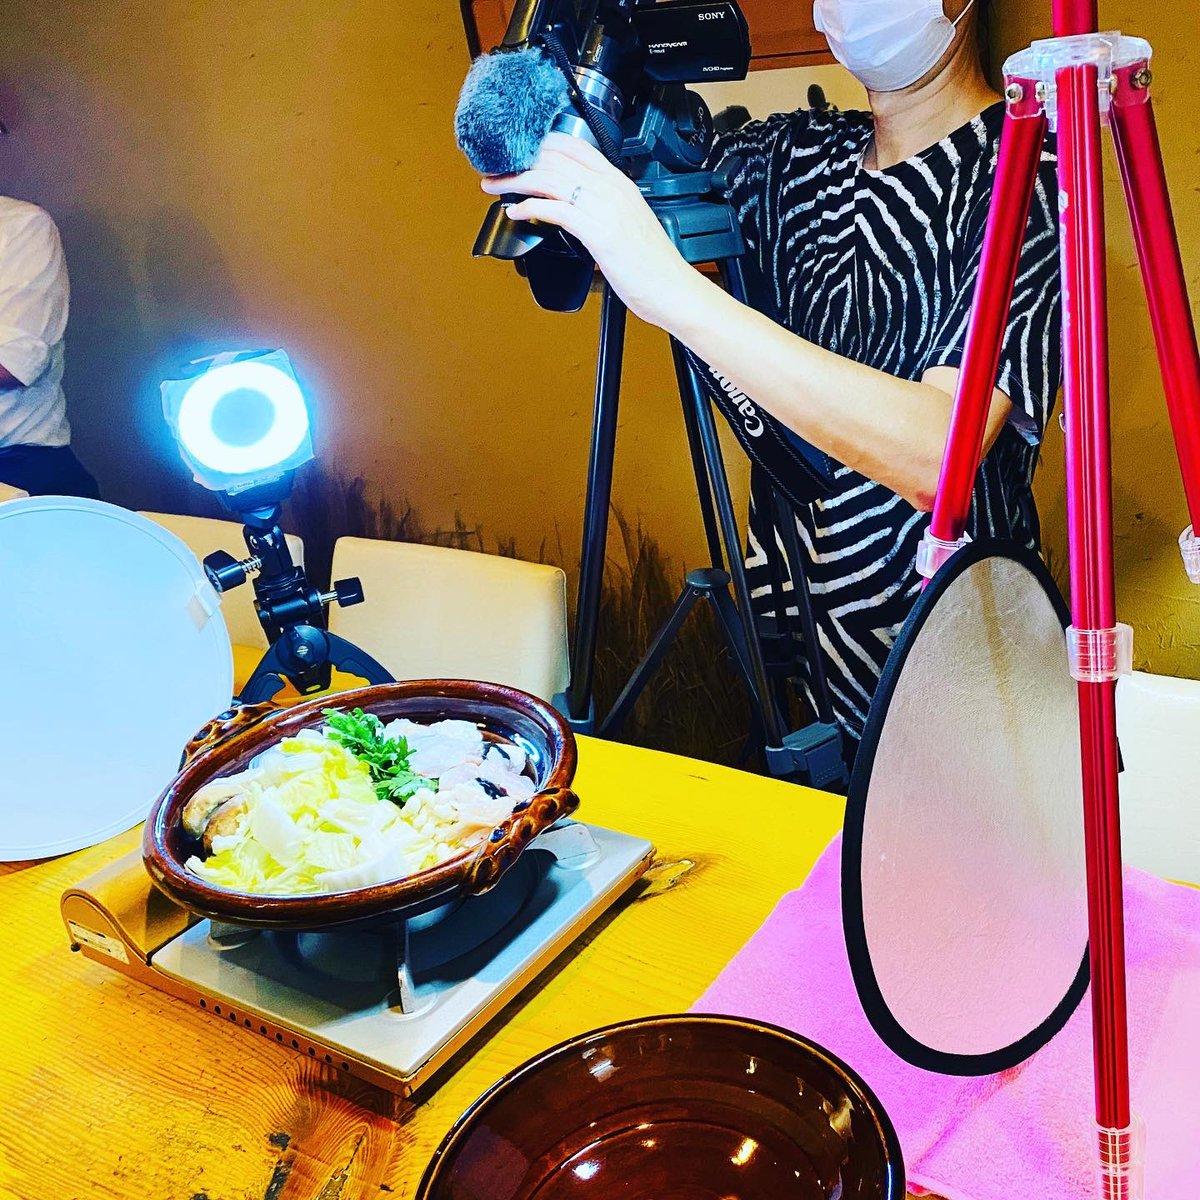 本日は、撮影でした。。河豚に伊勢海老。。 #浜松 #いっ木 #懐石いっ木 #撮影 #河豚 #伊勢海老 #浜松和食 #浜松日本料理 #浜松懐石料理 #浜松おまかせ #japanesefood https://t.co/Zl6FRopjy9